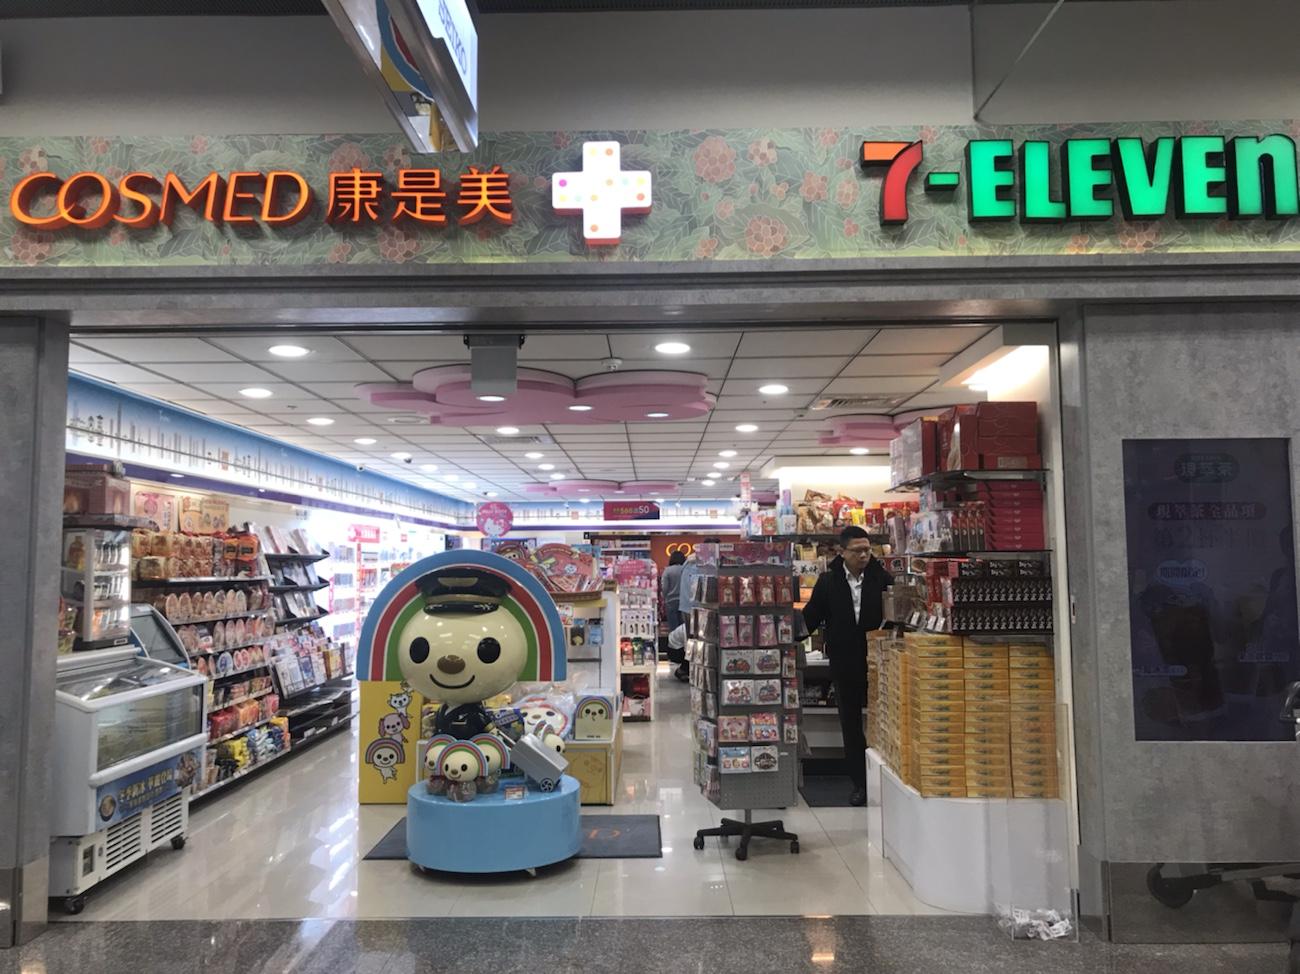 台北松山空港お土産を買うならセブンイレブン!